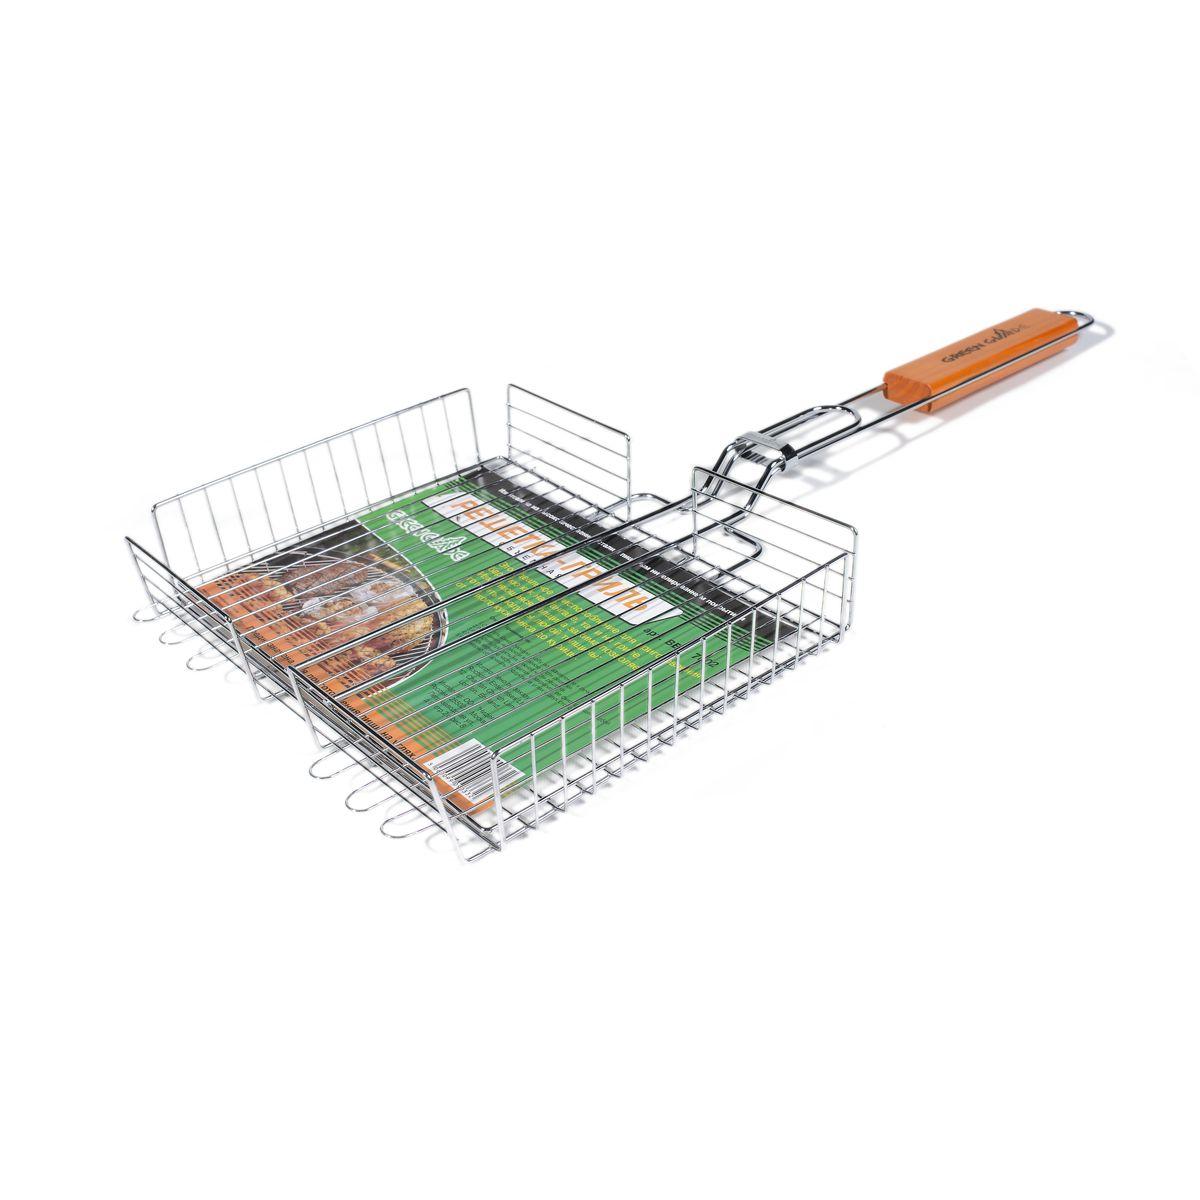 Решетка-гриль Green Glade, объемная, 31 х 25 см7002Двойная объемная решетка-гриль Green Glade изготовлена из высококачественной нержавеющей стали с пищевым никелированным покрытием. Это идеальное приспособление для приготовления барбекю как на мангале, так и на гриле. На решетке удобно размещать стейки, ребрышки, сосиски и т.д. Изменяющаяся толщина зажима позволяет готовить продукты любой толщины: от тонкого куска мяса до курицы. Предназначена для приготовления пищи на углях. Блюда получаются сочными, ароматными, с аппетитной специфической корочкой. Рукоятка изделия оснащена деревянной вставкой и фиксирующей скобой, которая зажимает створки решетки. Размер рабочей поверхности решетки: 31 см х 25 см. Общая длина решетки (с ручкой): 65 см. Высота стенки решетки: 5,5 см.